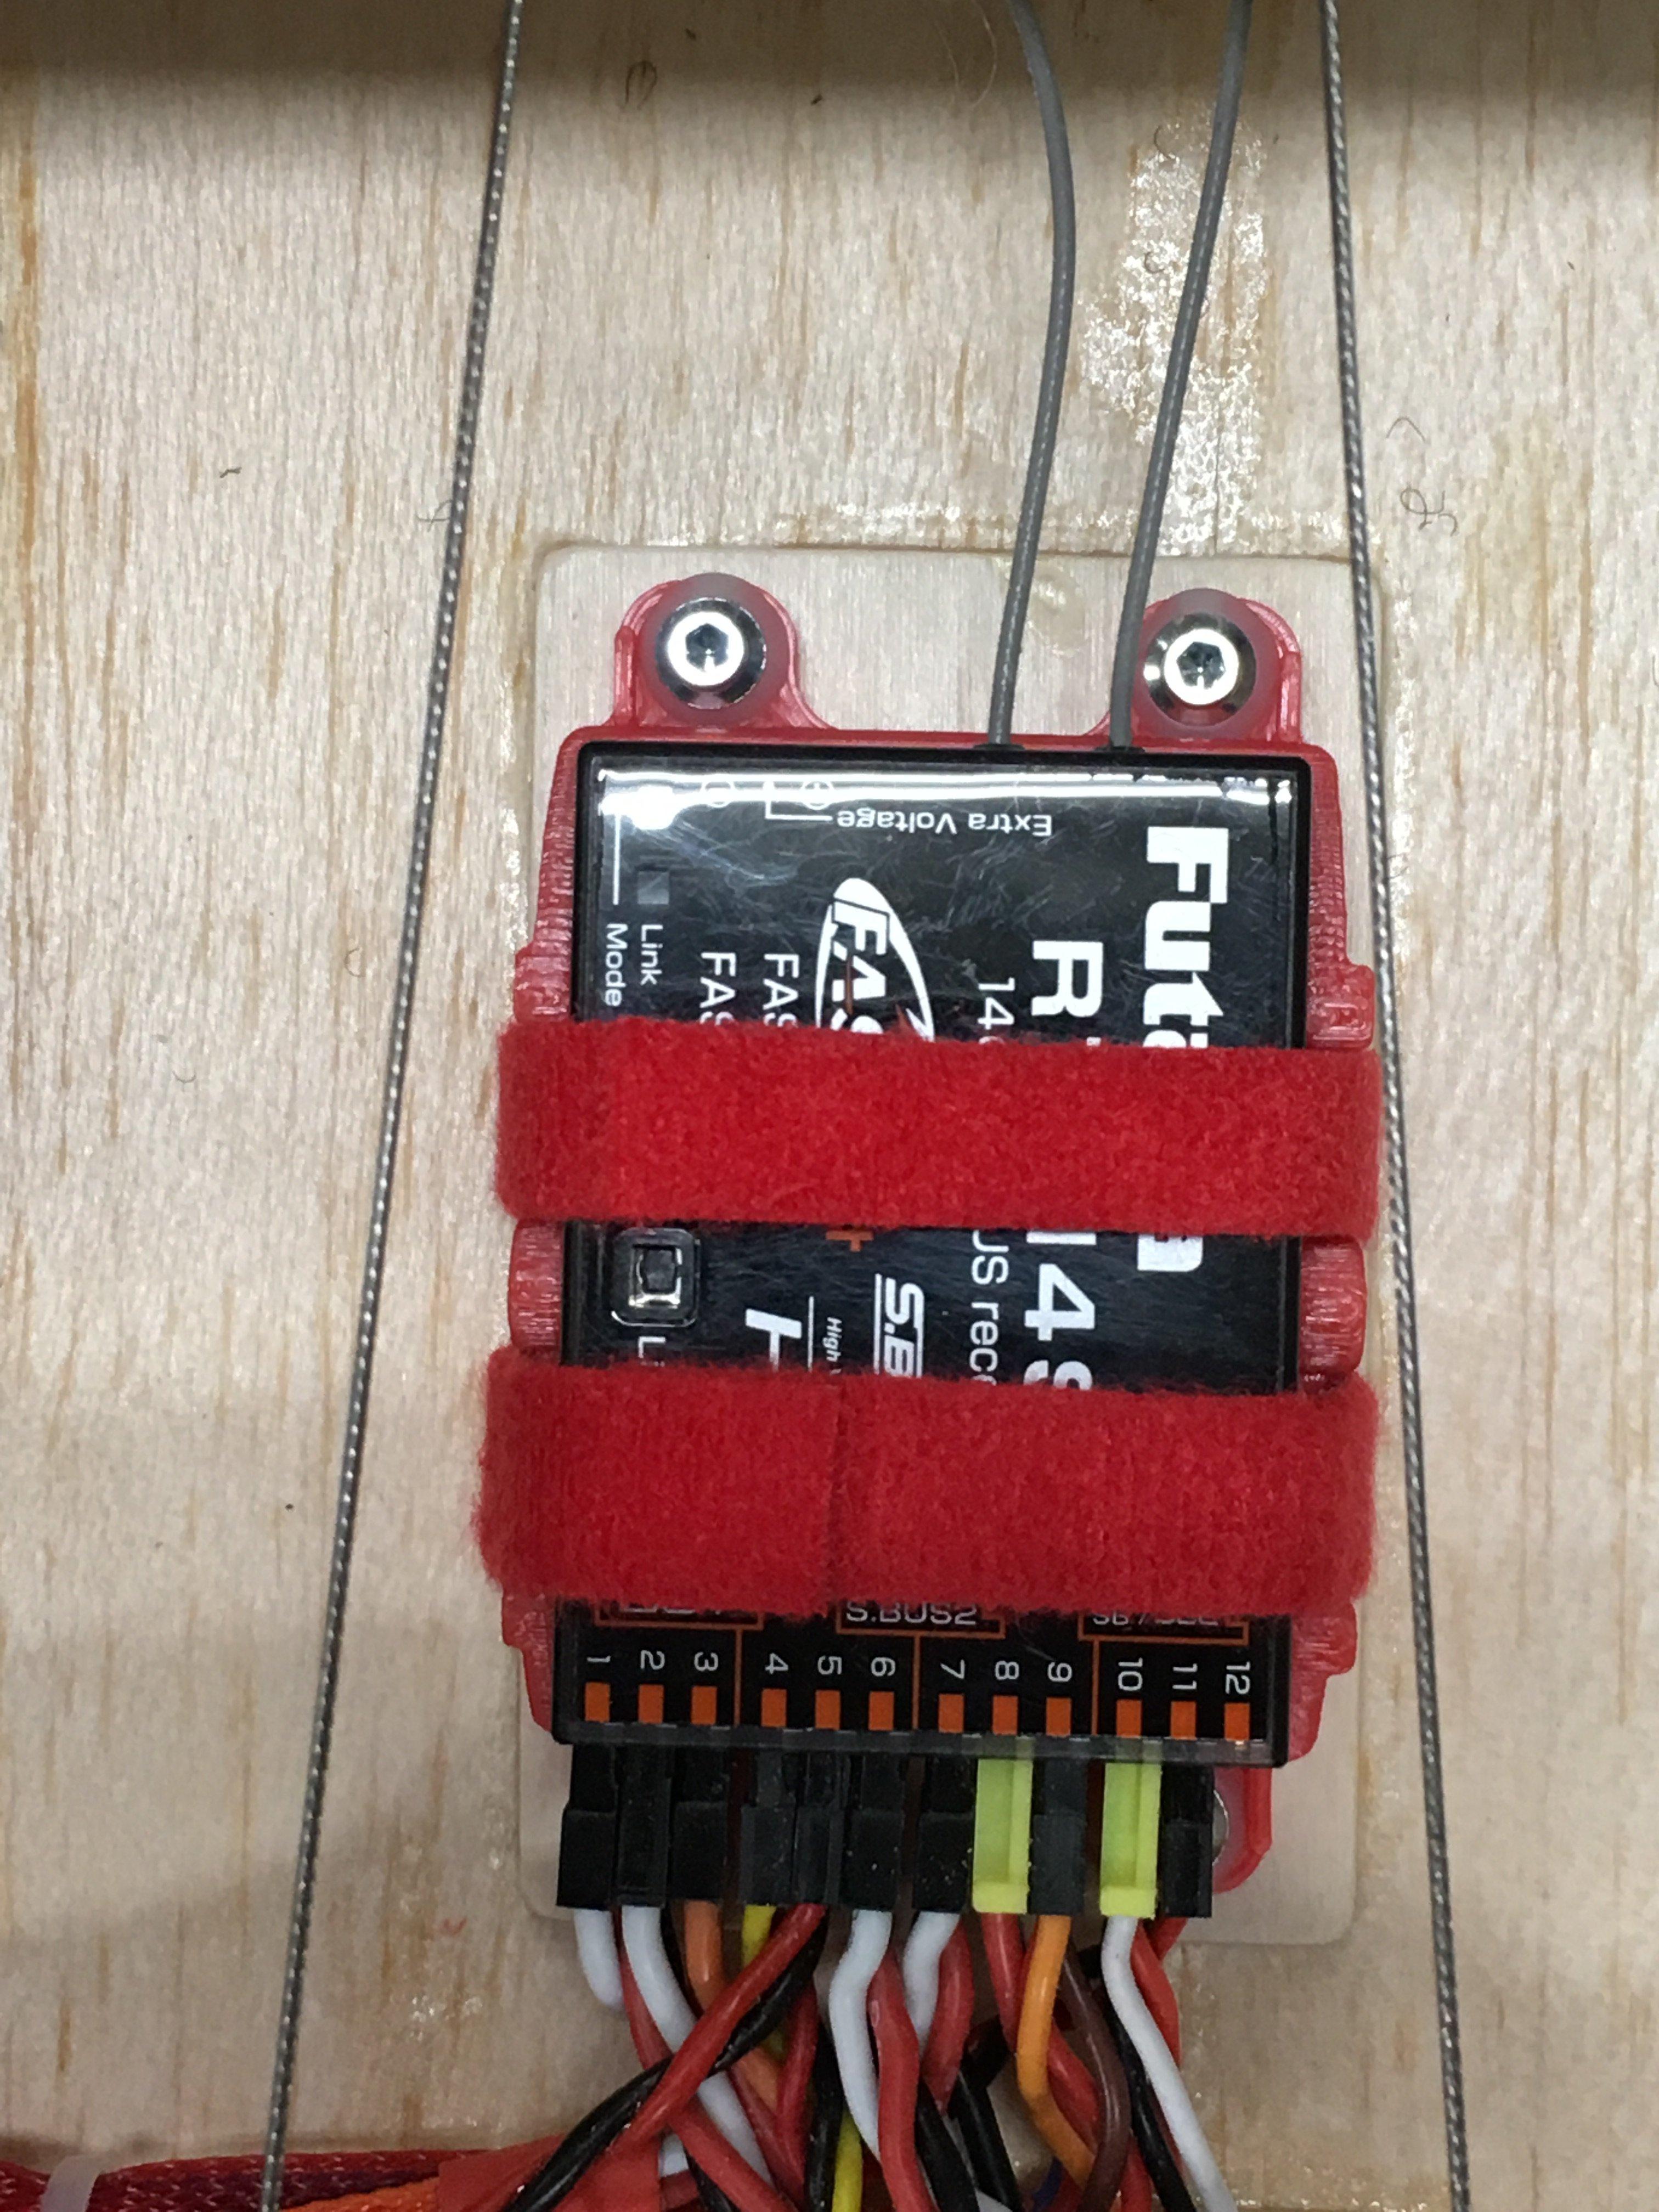 33BE795F-9013-4A0E-906B-C531F8A35331.jpeg